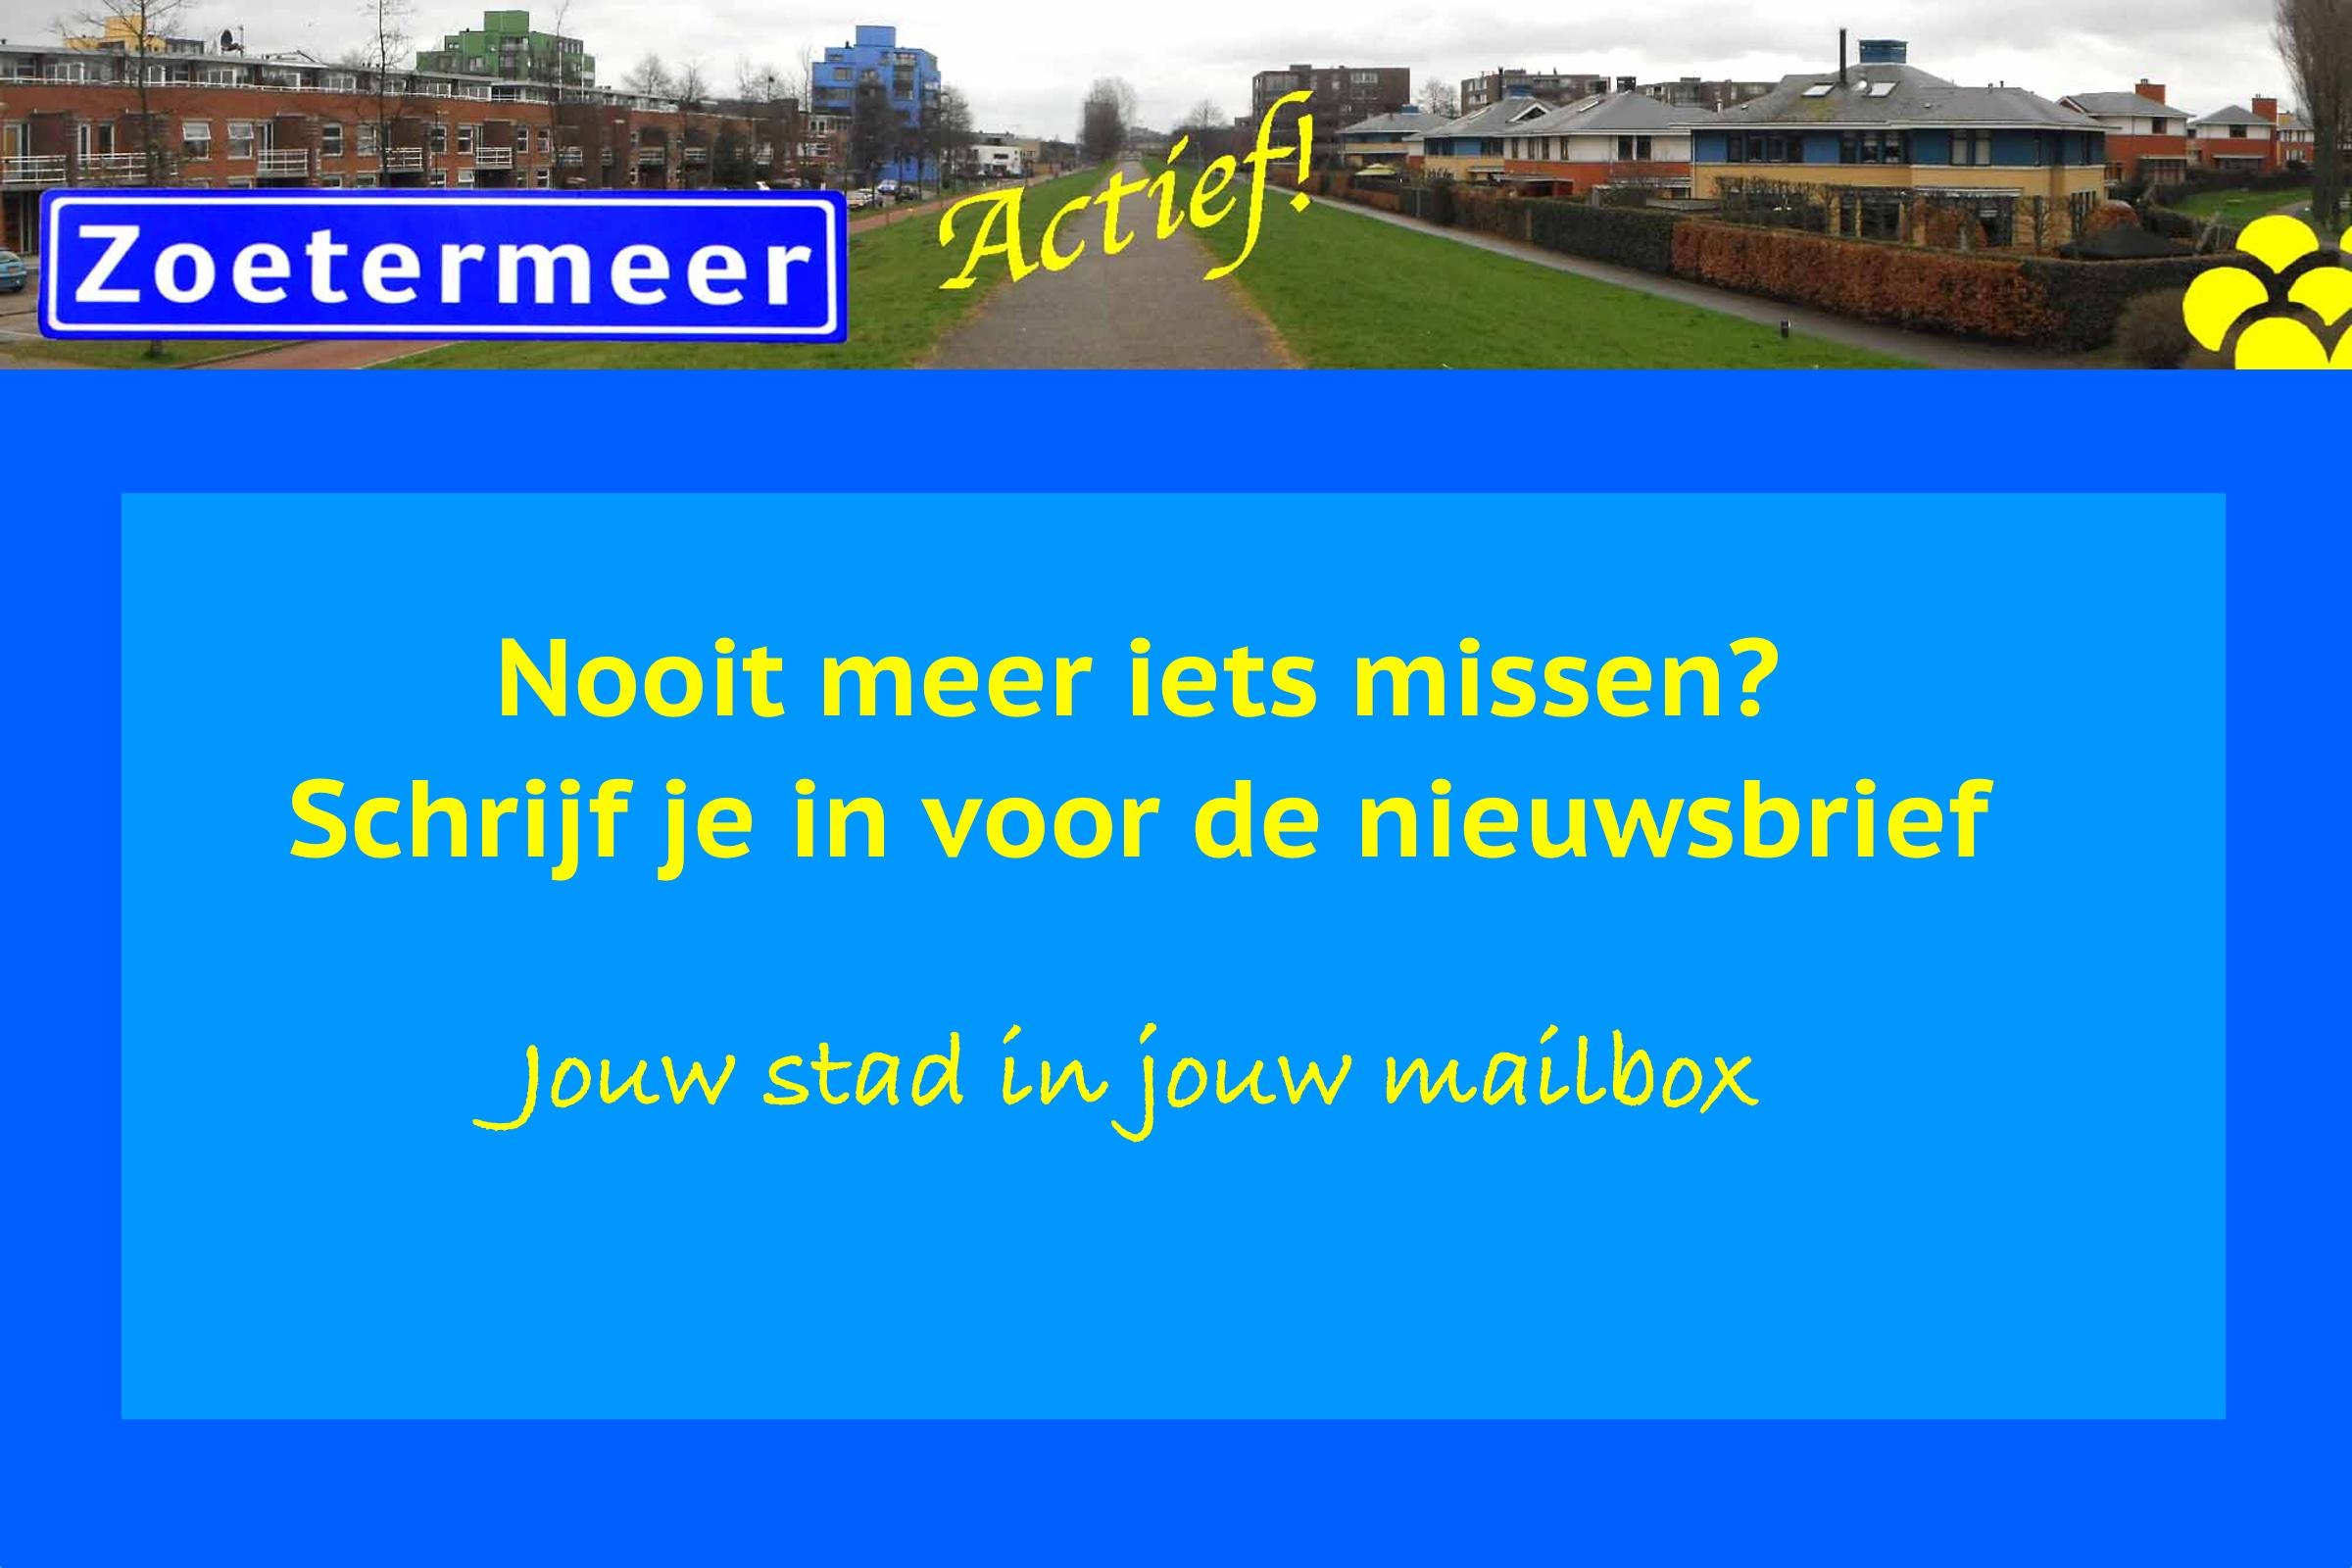 Nieuwsbrief Zoetermeer Actief